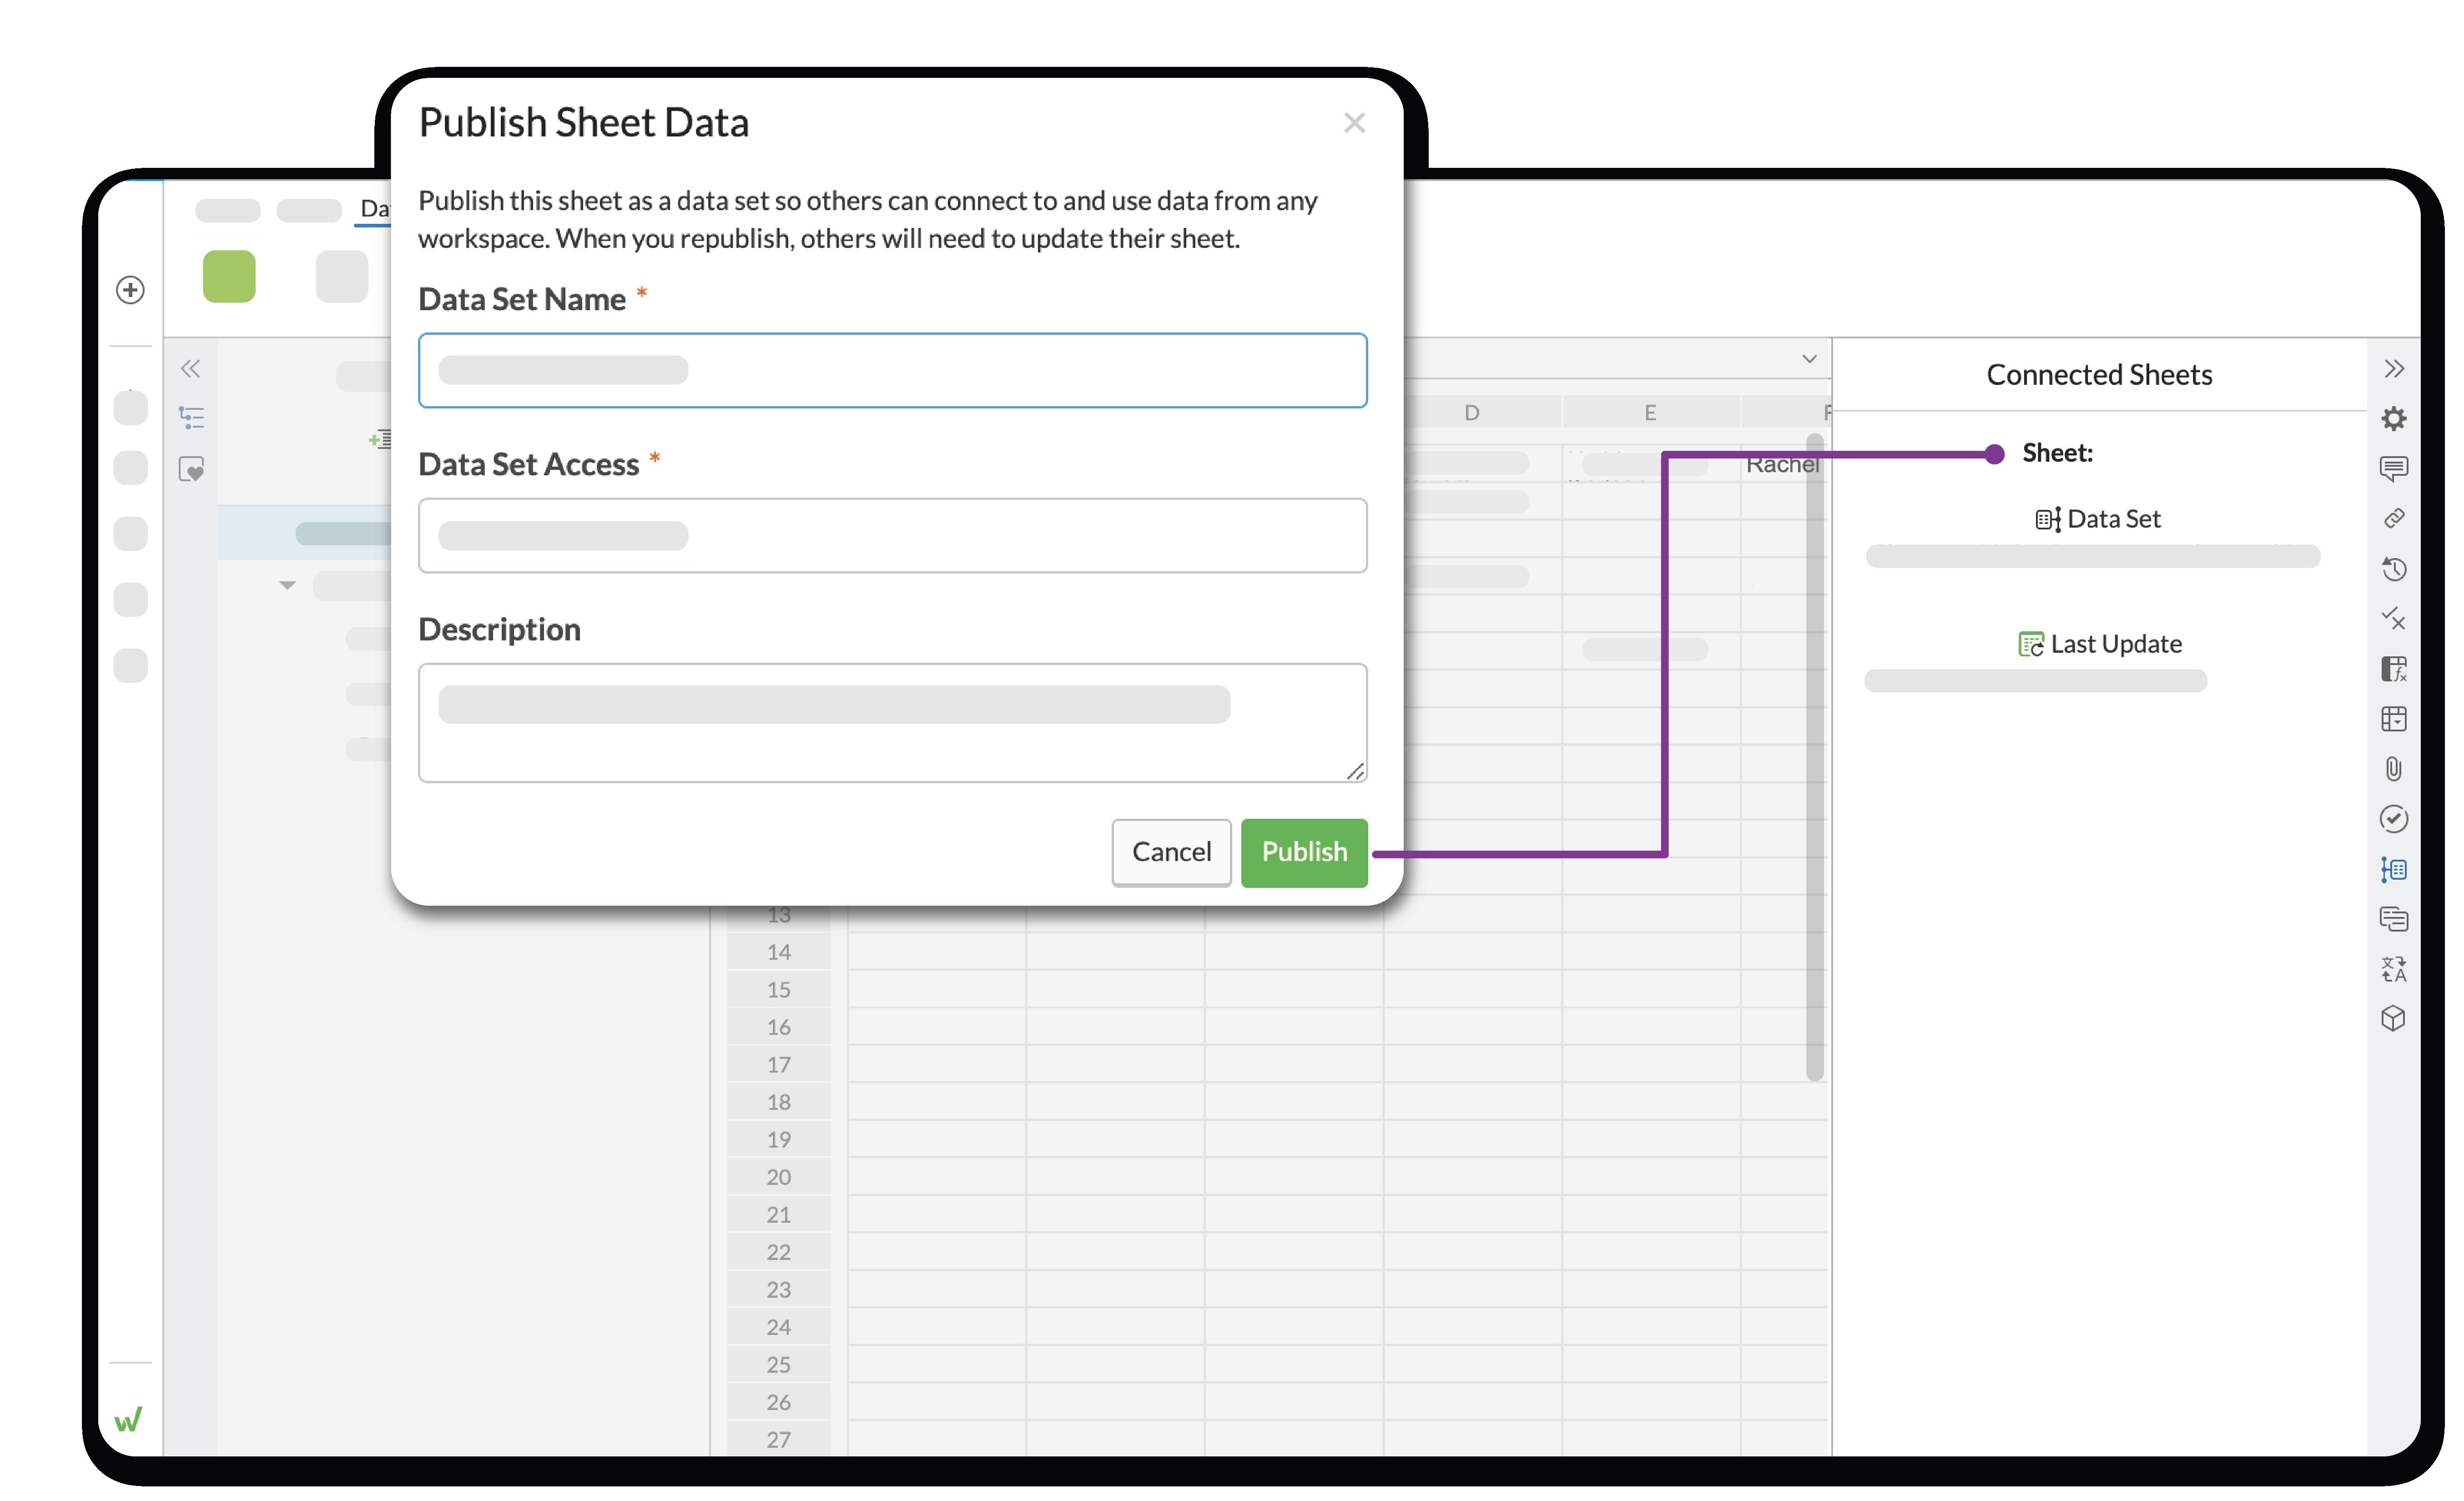 다른 사용자가 정보를 새 파일로 가져올 수 있도록 하려면 데이터 세트를 만듭니다.